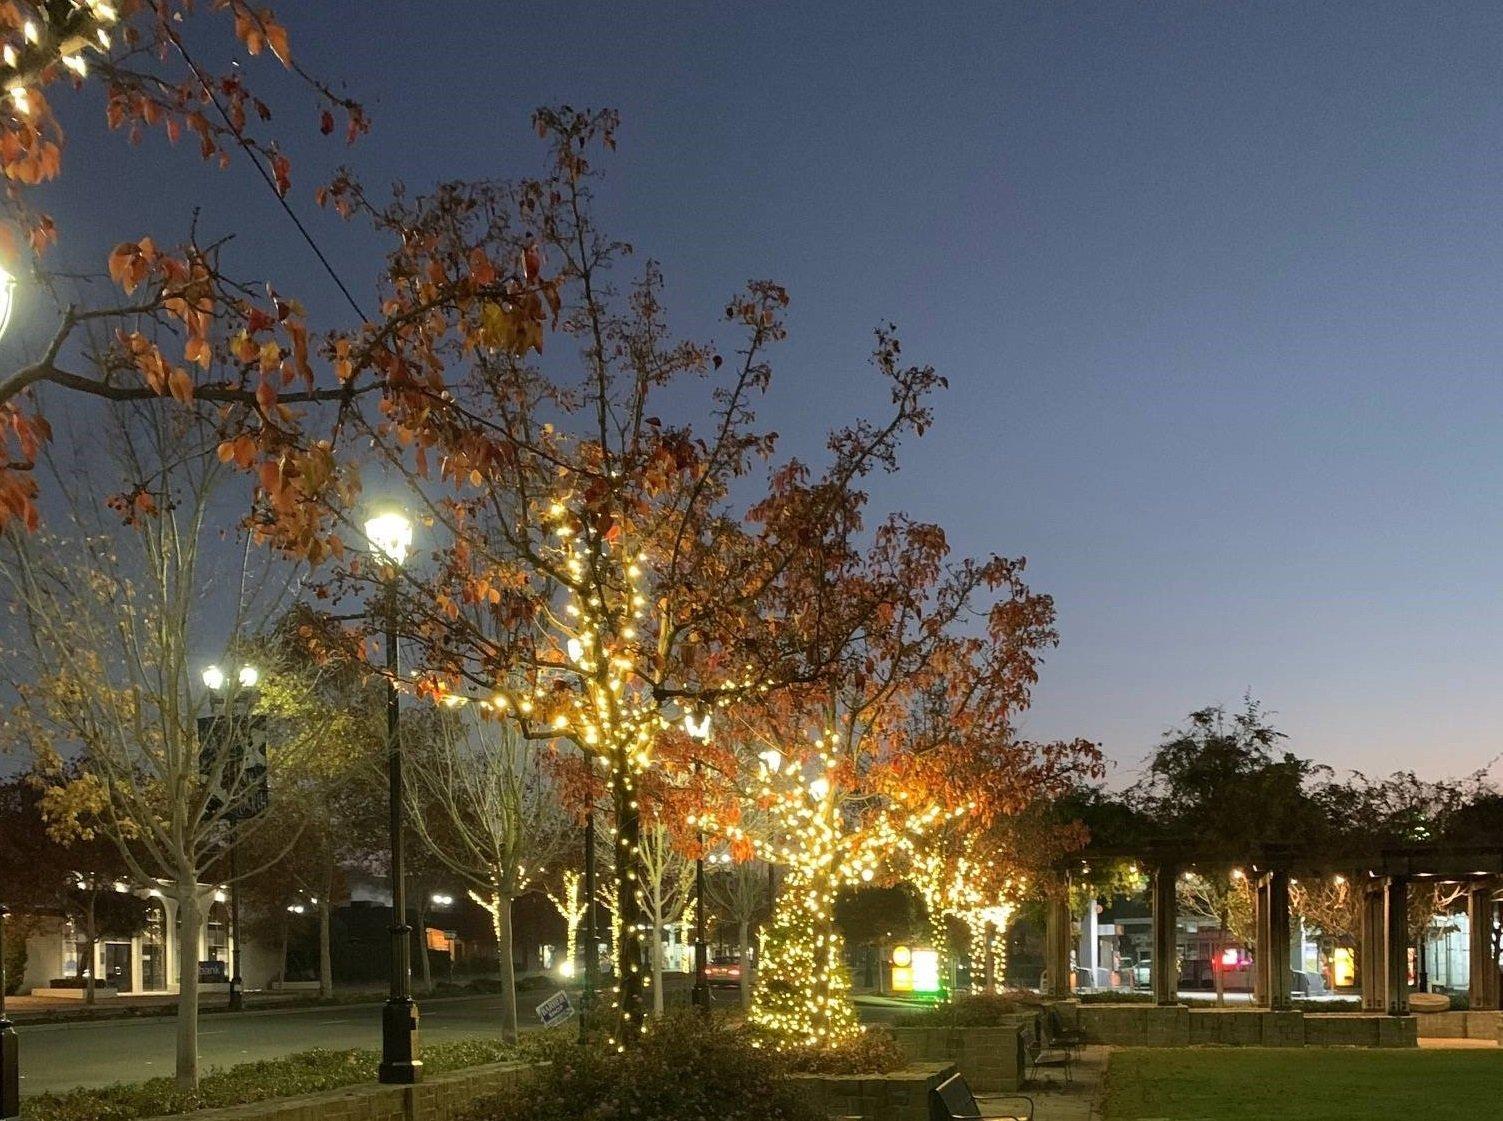 Lafayette Plaza Park - Holiday Lights